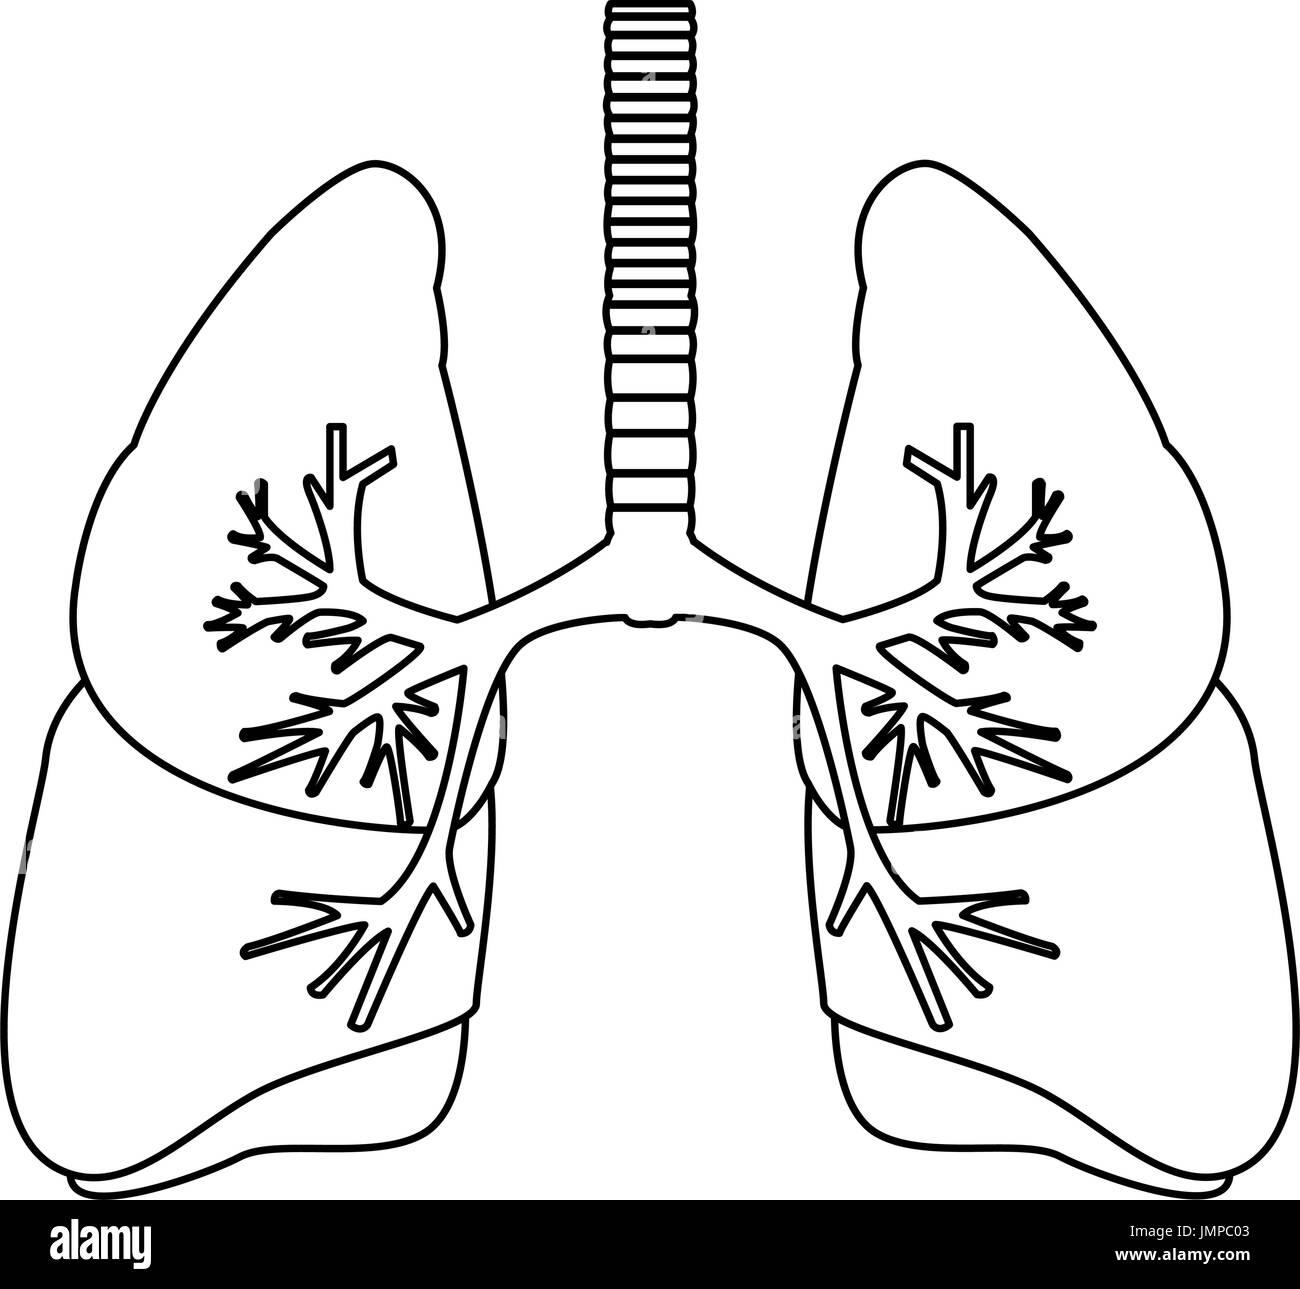 Trachea Stockfotos & Trachea Bilder - Seite 2 - Alamy